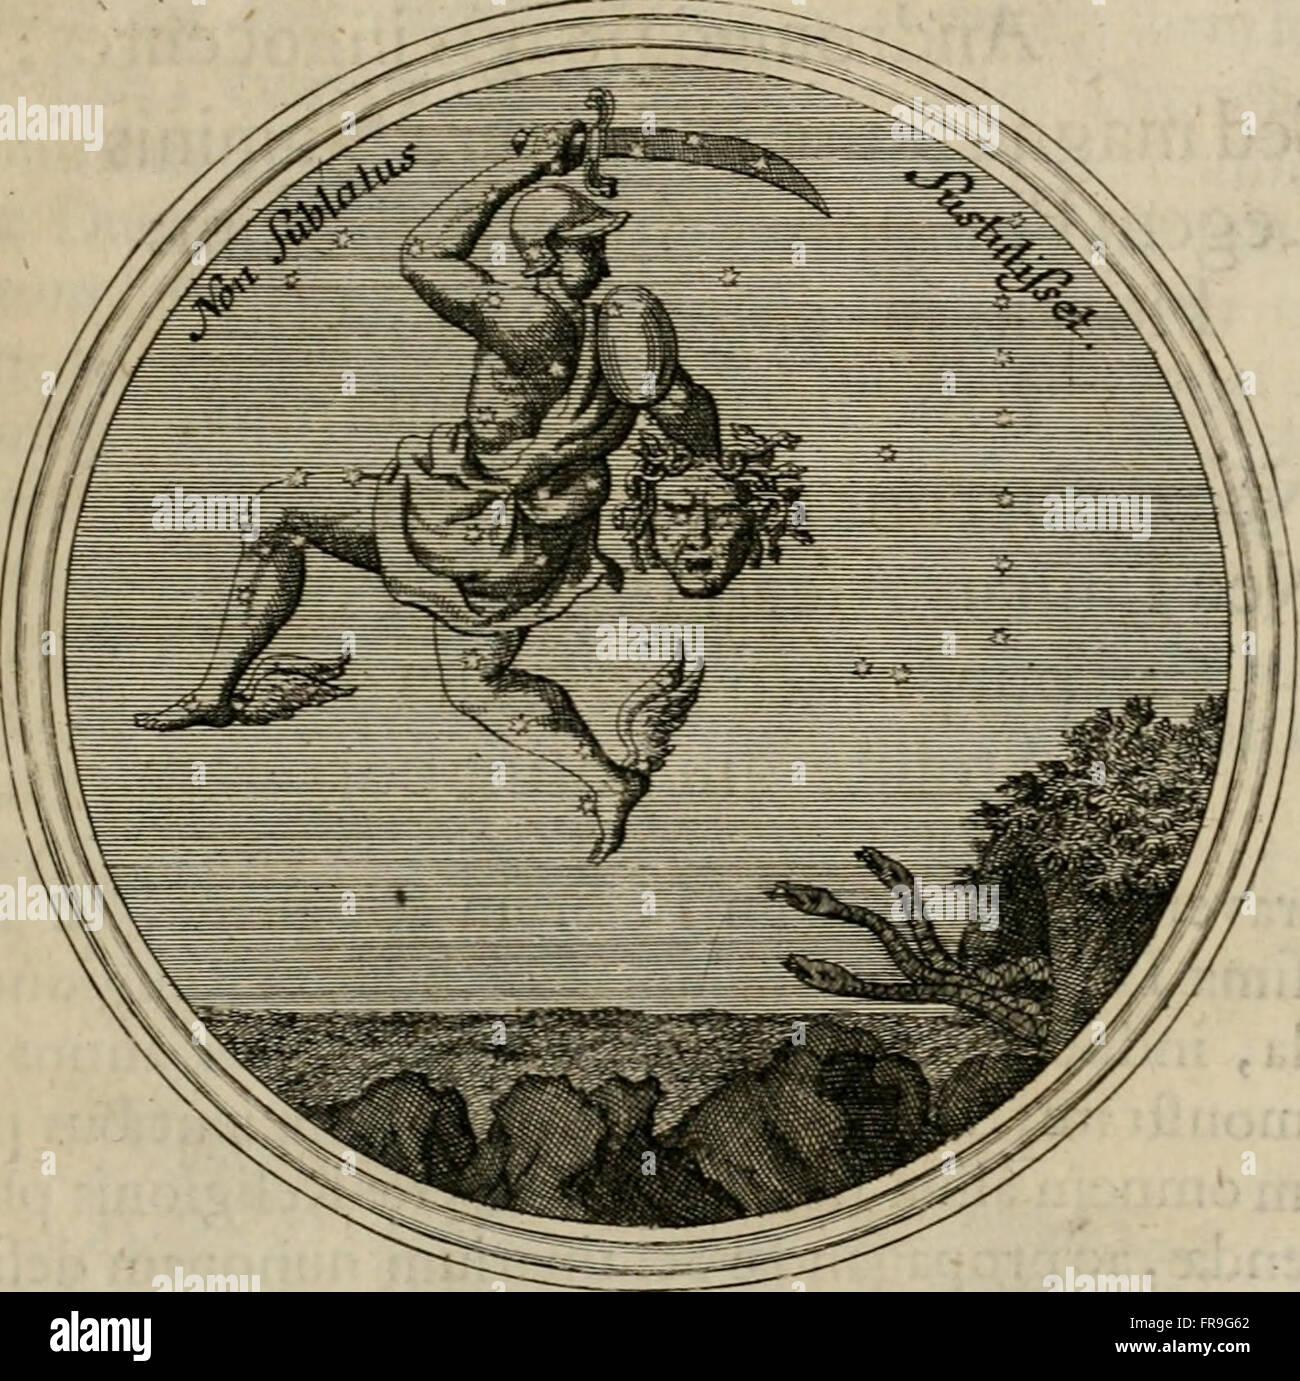 Ortus Castoris ratibus propitius, RatisbonC3A6 C3A8 specula pieria Collegii Societatis Jesu in reverendissimo ac - Stock Image